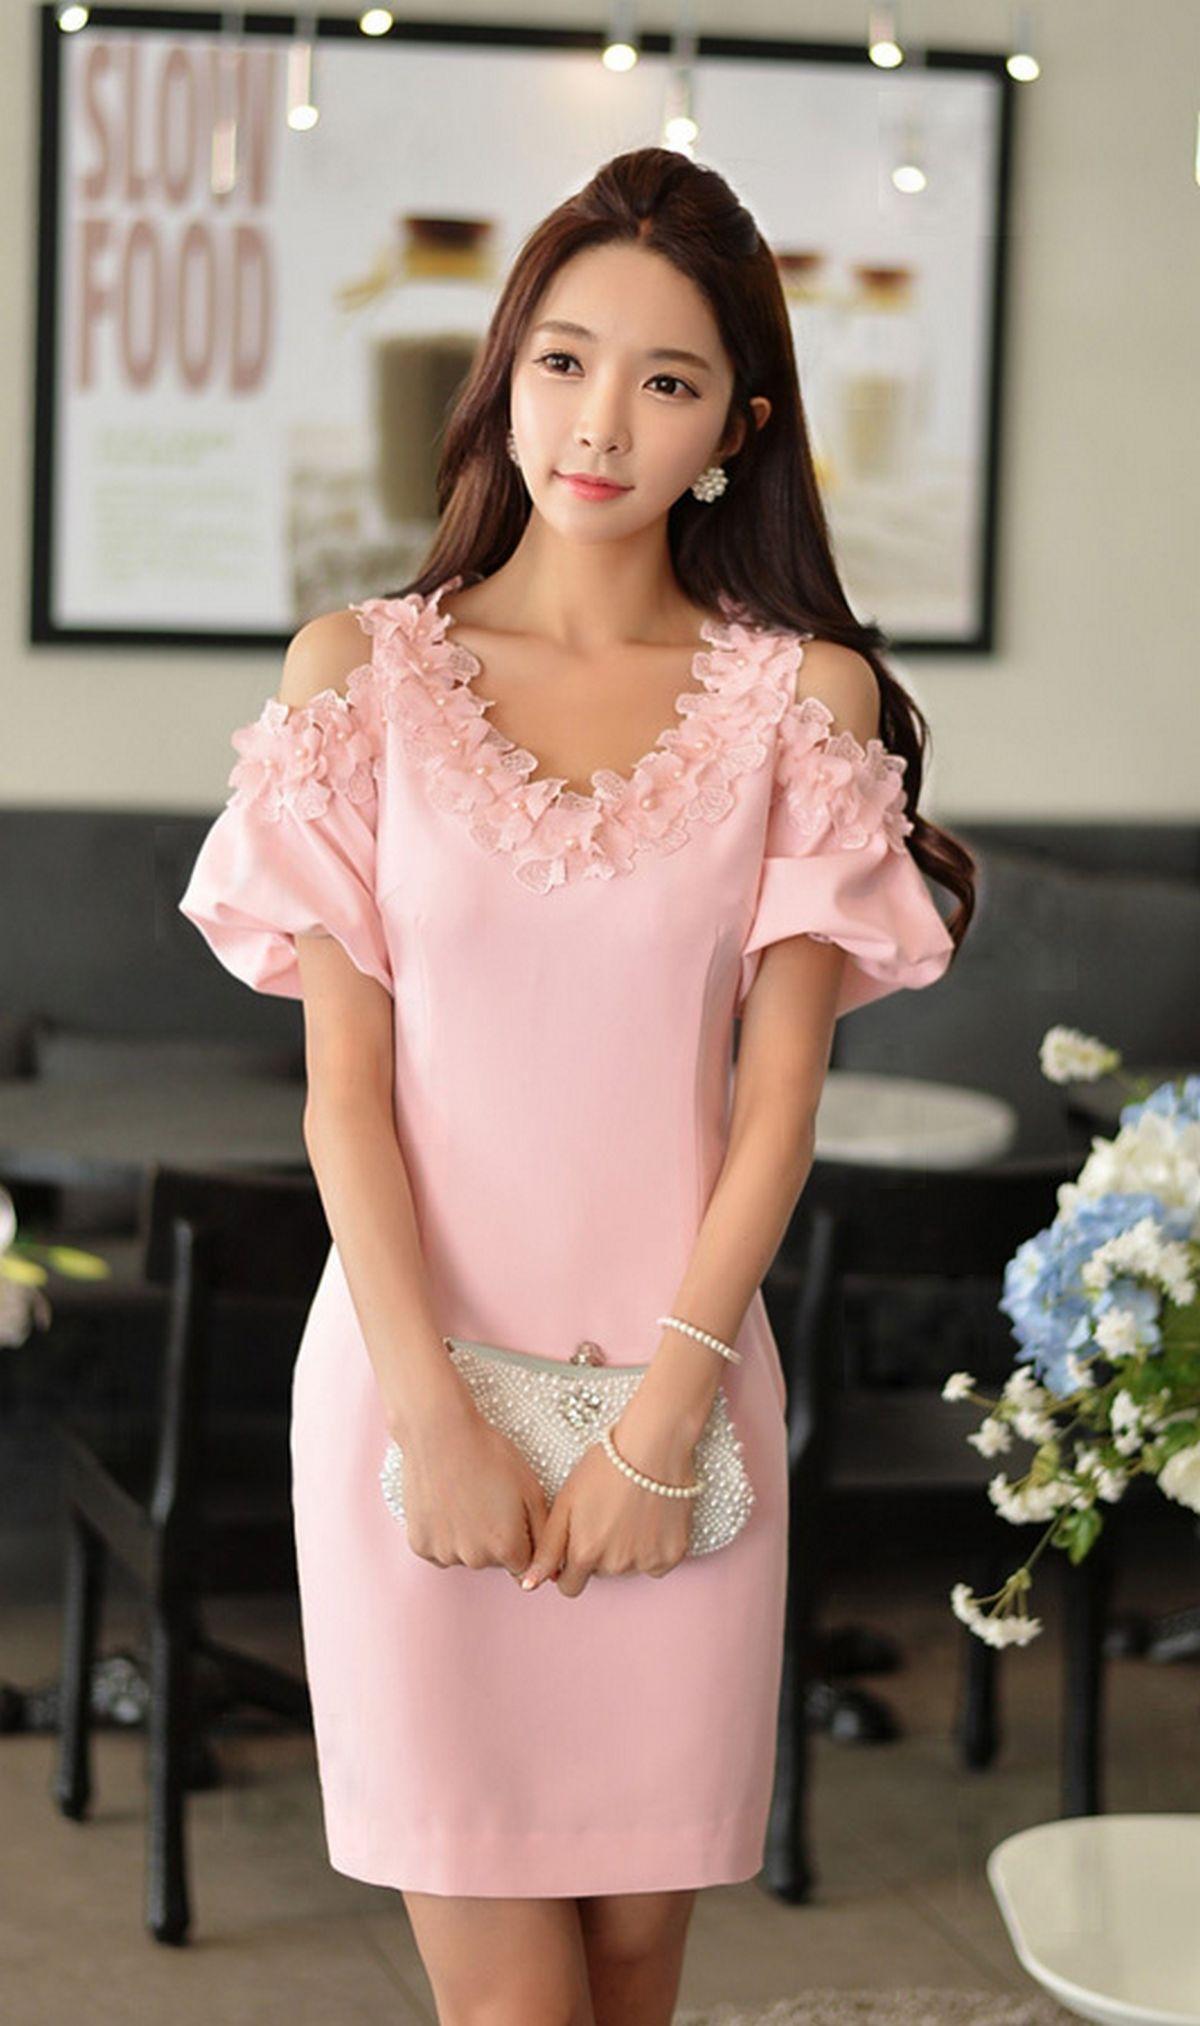 64 Pink Sleeve Dress Idea for Daily Action | Con estilo, Princesas y ...